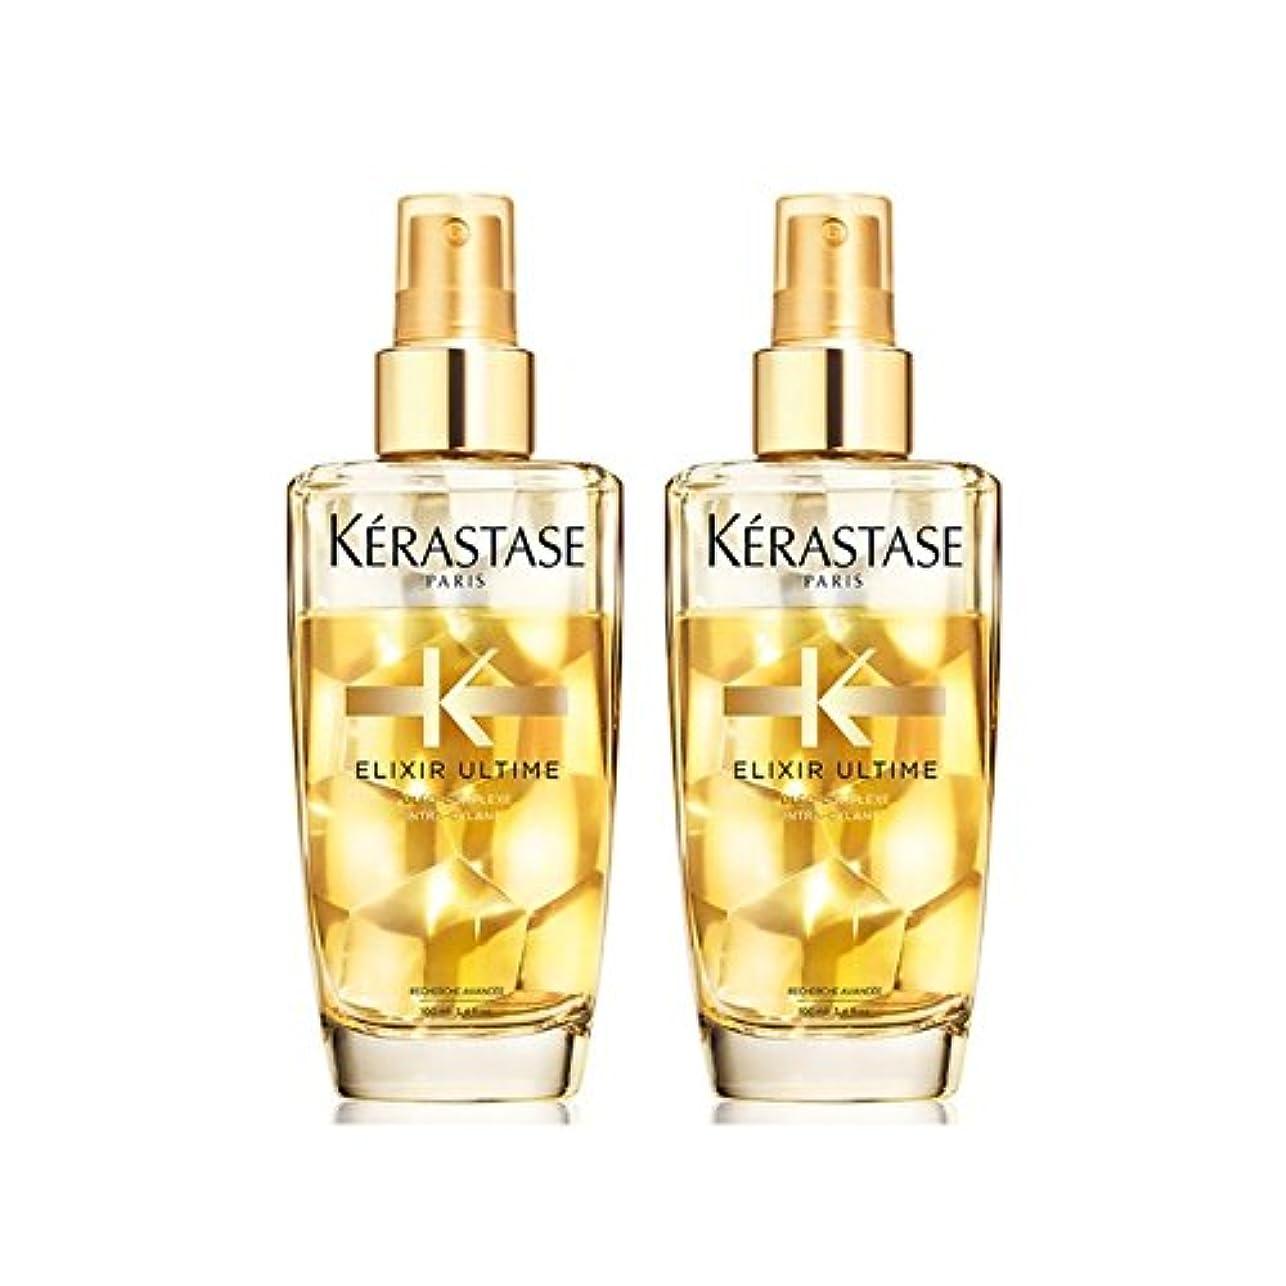 掘る貢献するクラッチK?rastase Elixir Ultime Fine Hair Oil Duo 100ml - ケラスターゼのエリクシルの細い髪油デュオ100ミリリットル [並行輸入品]